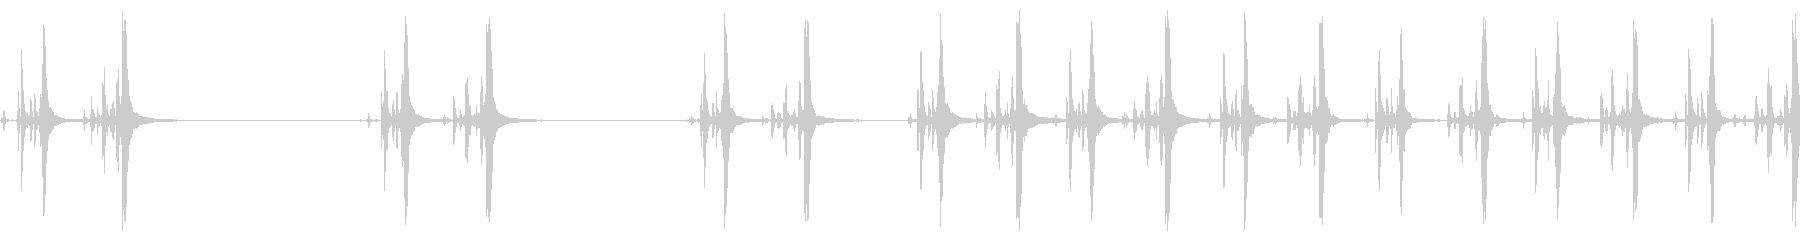 散弾銃、コックのクローズアップ、繰り返しの未再生の波形